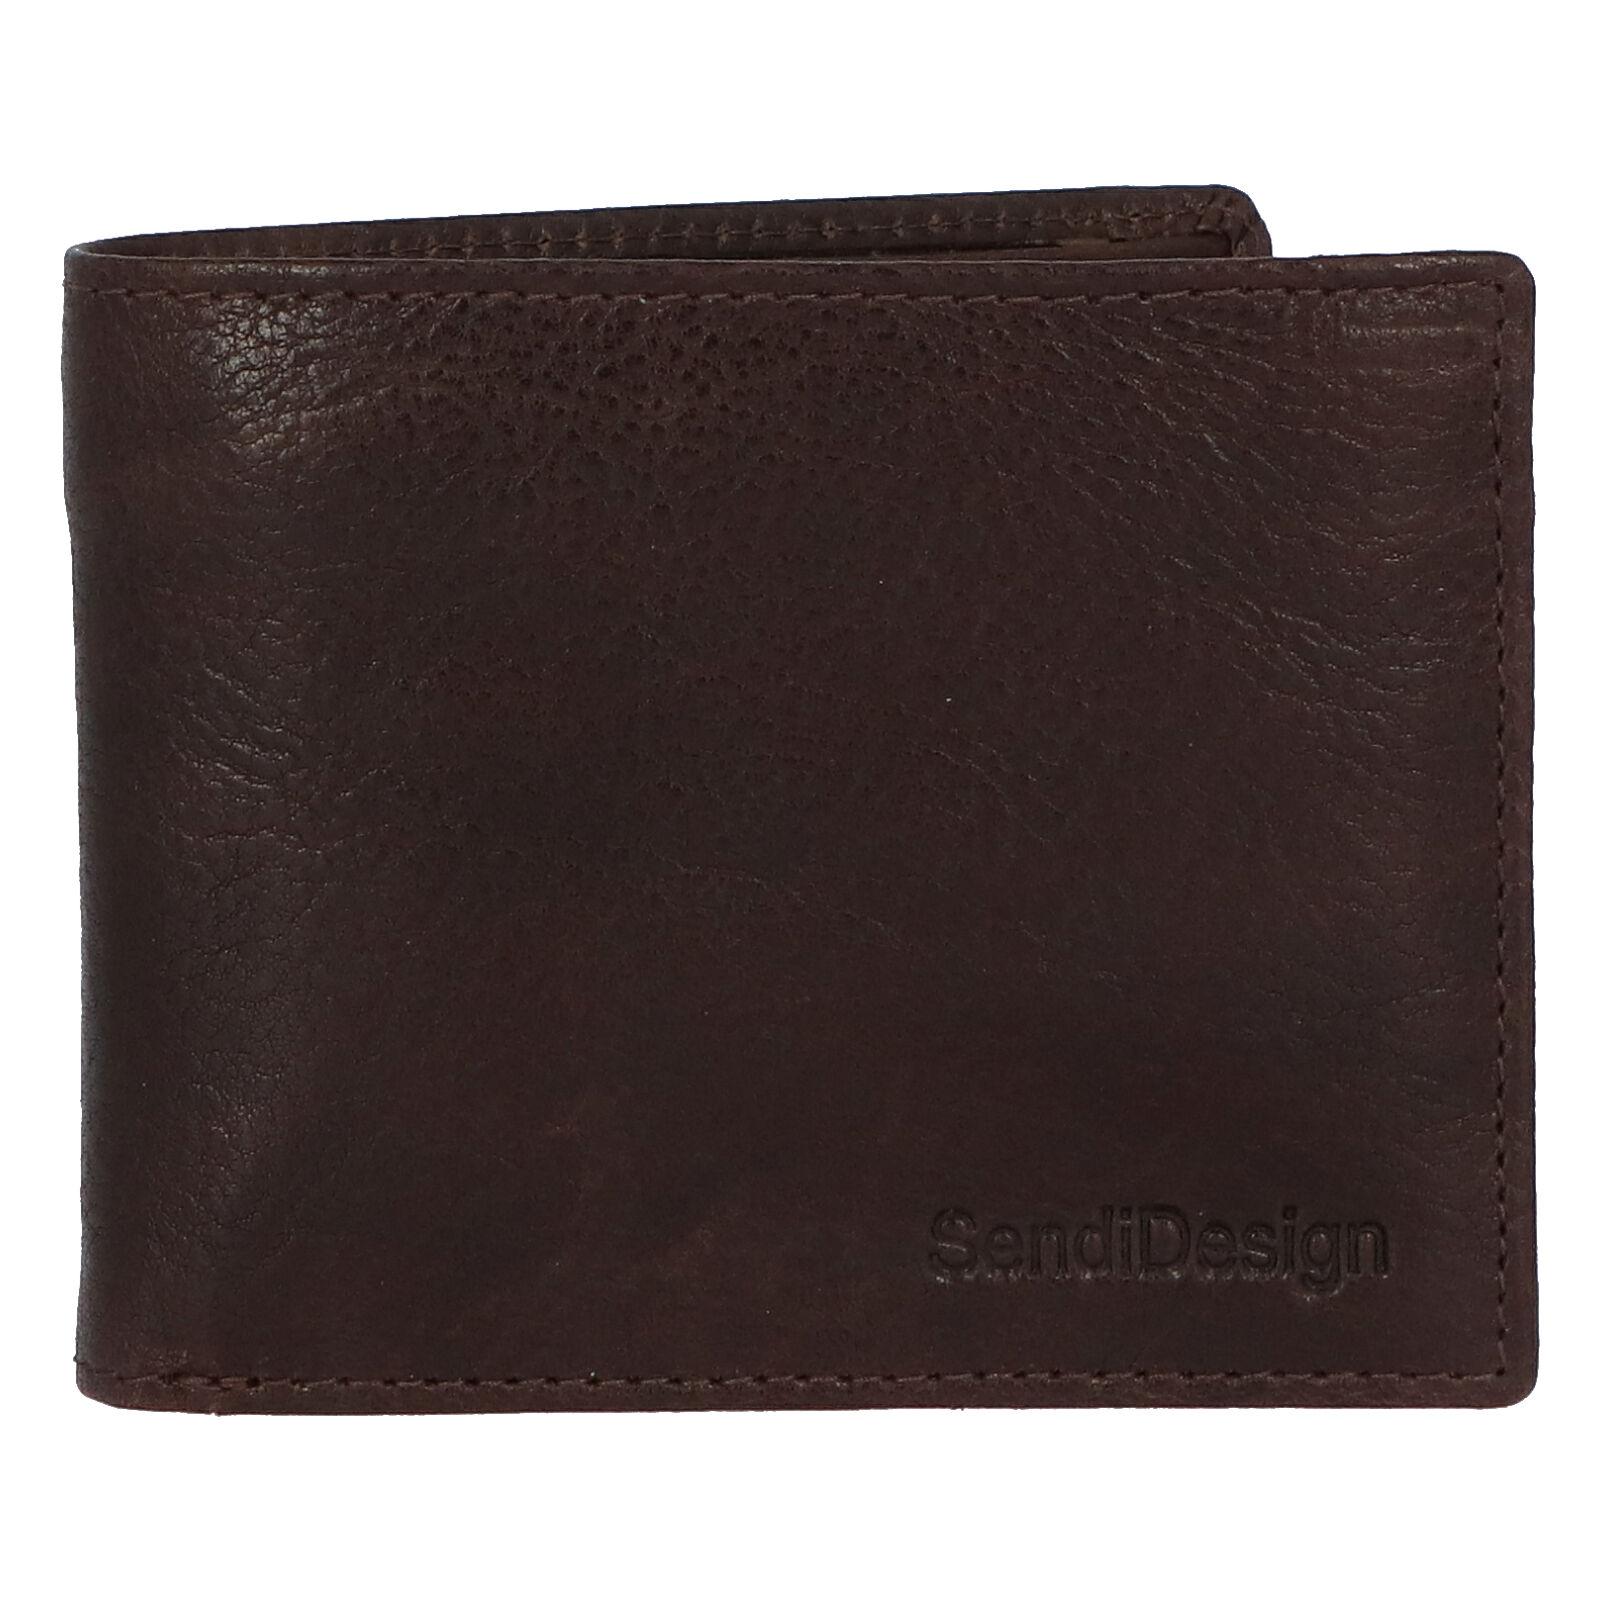 Pánská kožená peněženka hnědá - SendiDesign Boster